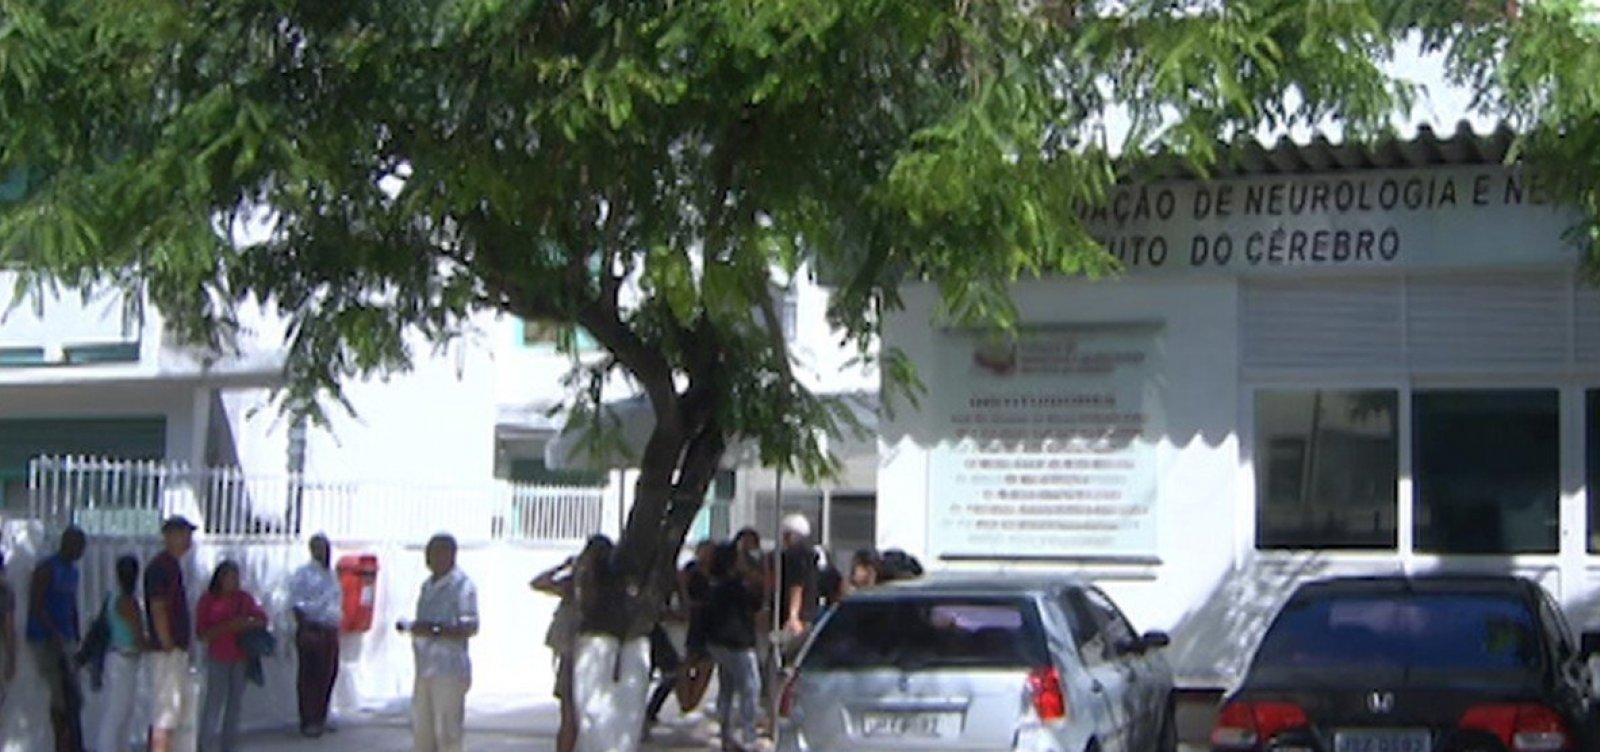 Mutirão de diagnóstico precoce do Alzheimer é realizado hoje em Salvador